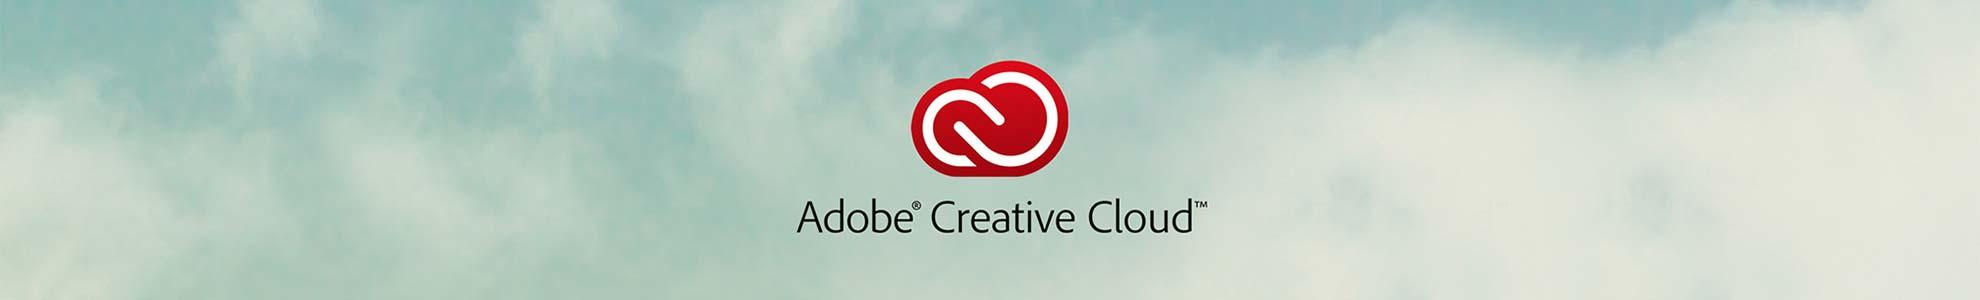 Adobe повышает тарифы на Creative Cloud